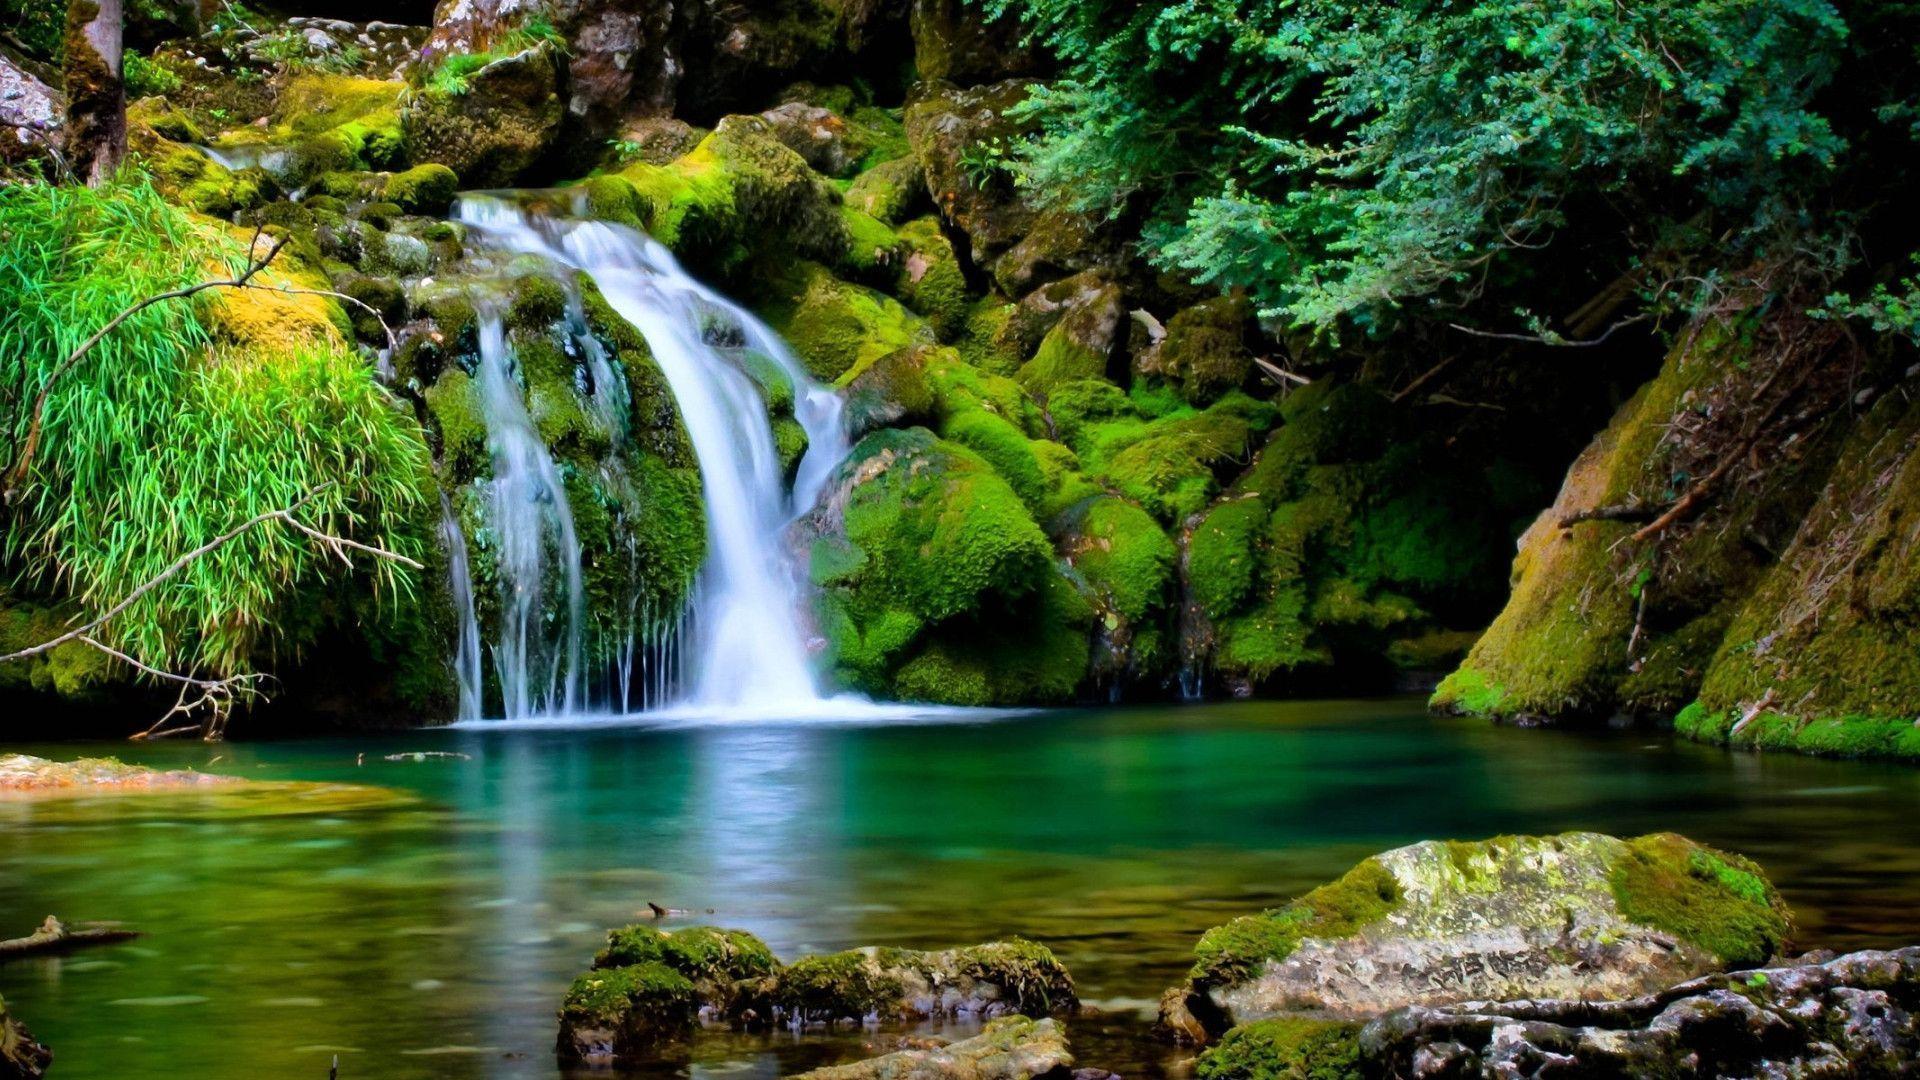 Hình nền máy tính phong cảnh thiên nhiên đẹp